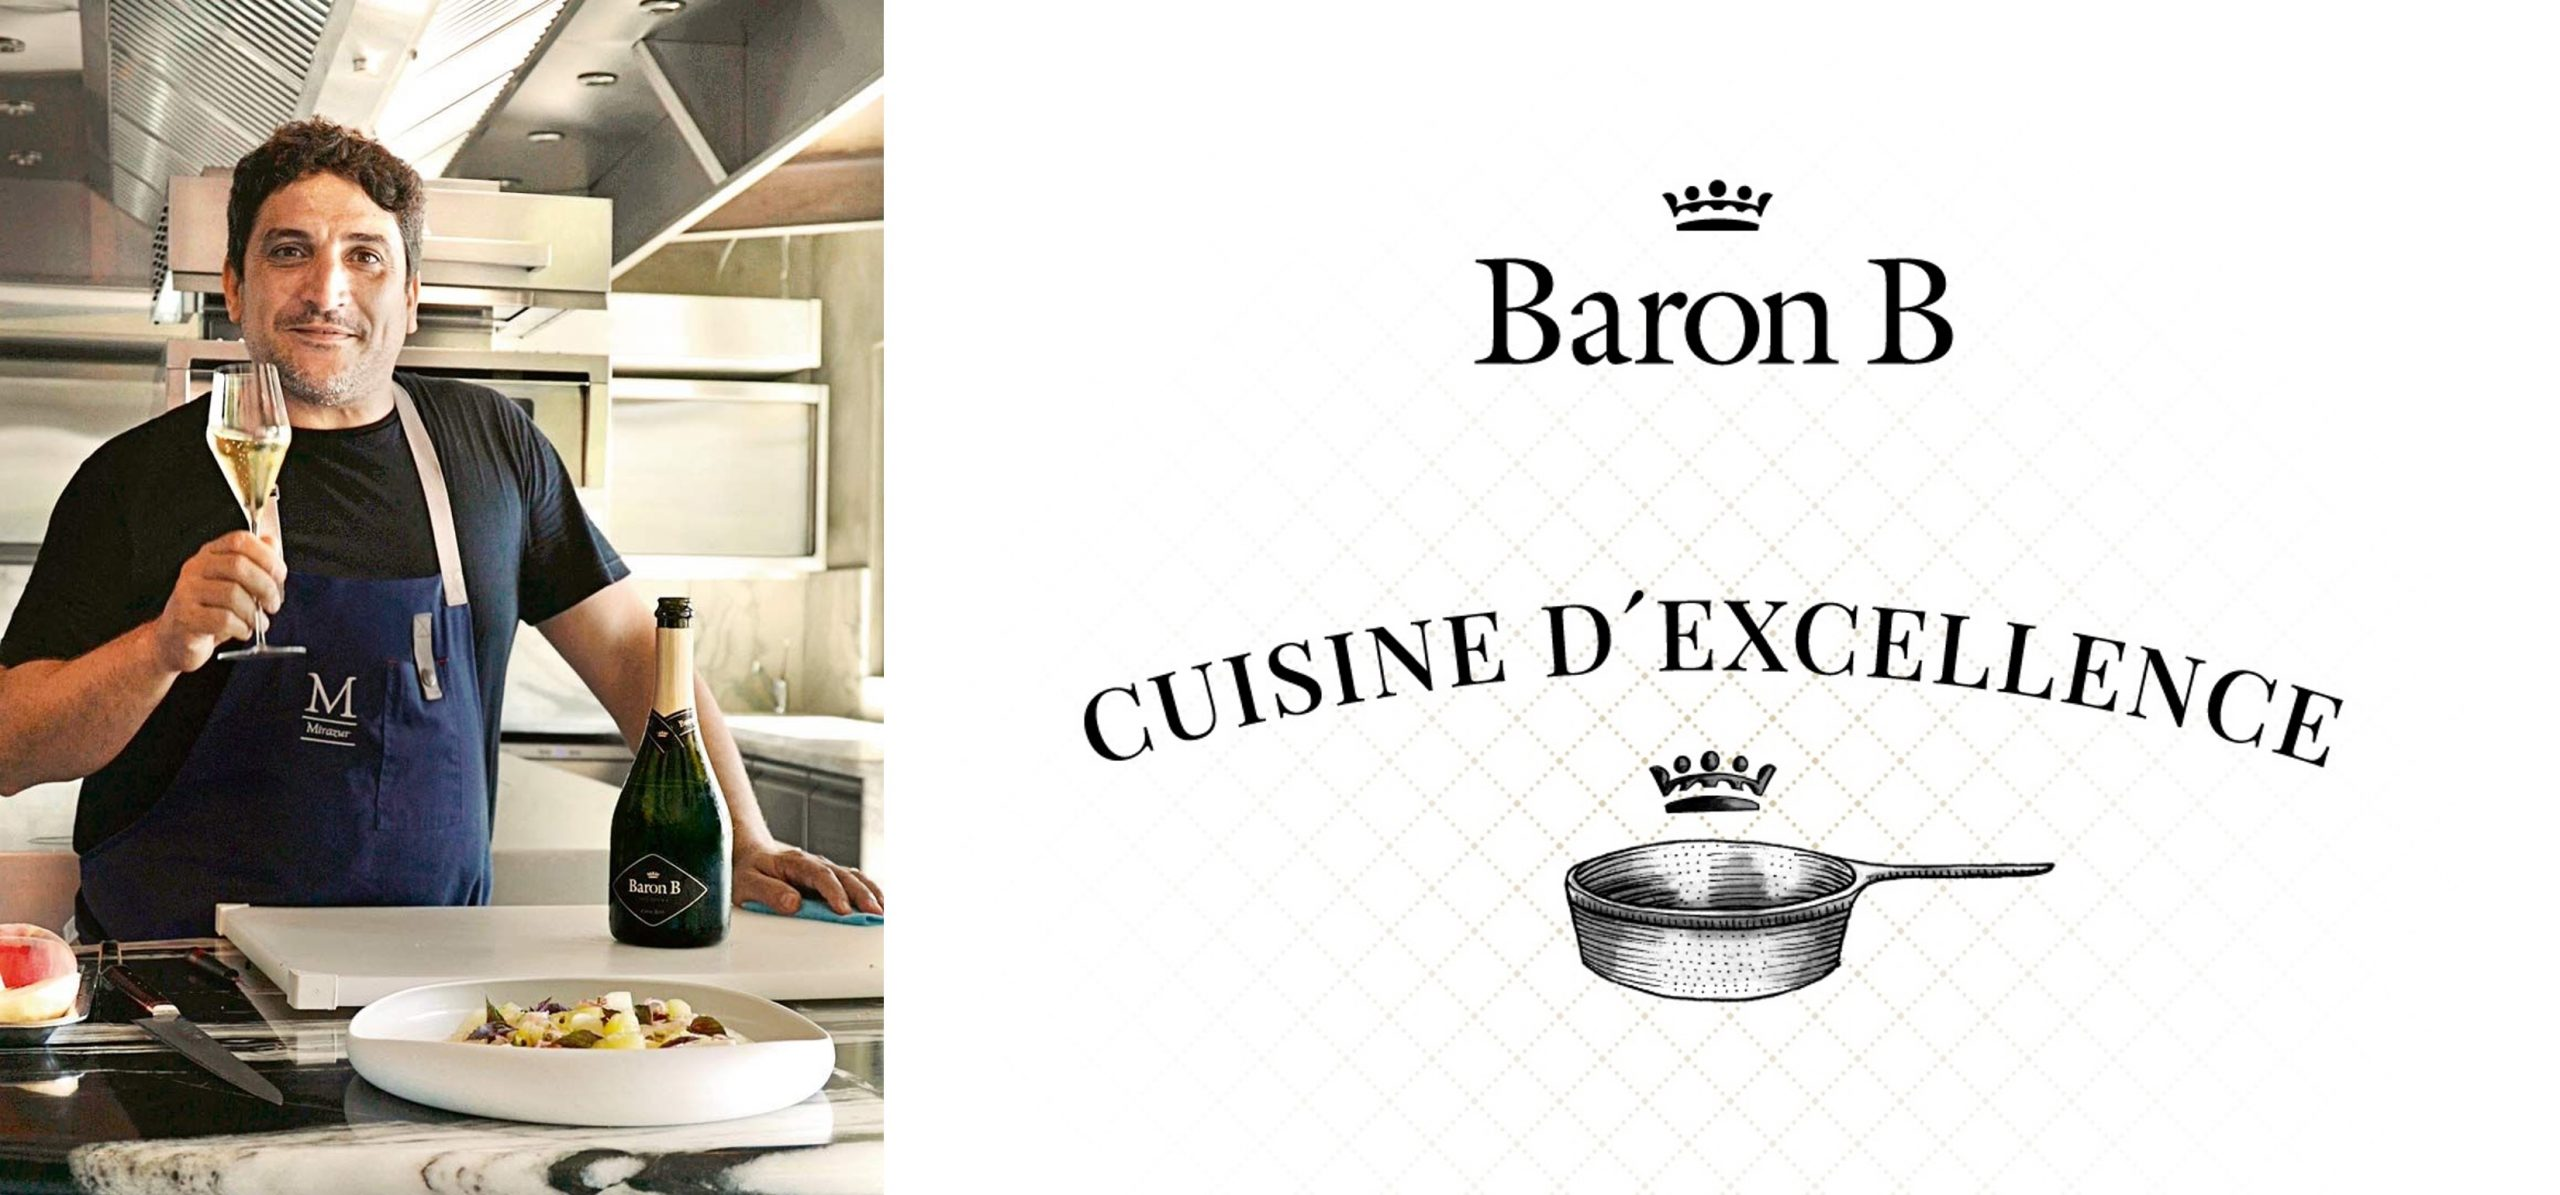 Mauro Colagreco presentó su plato para los ciclos de Baron B – Cuisine D´Excellence